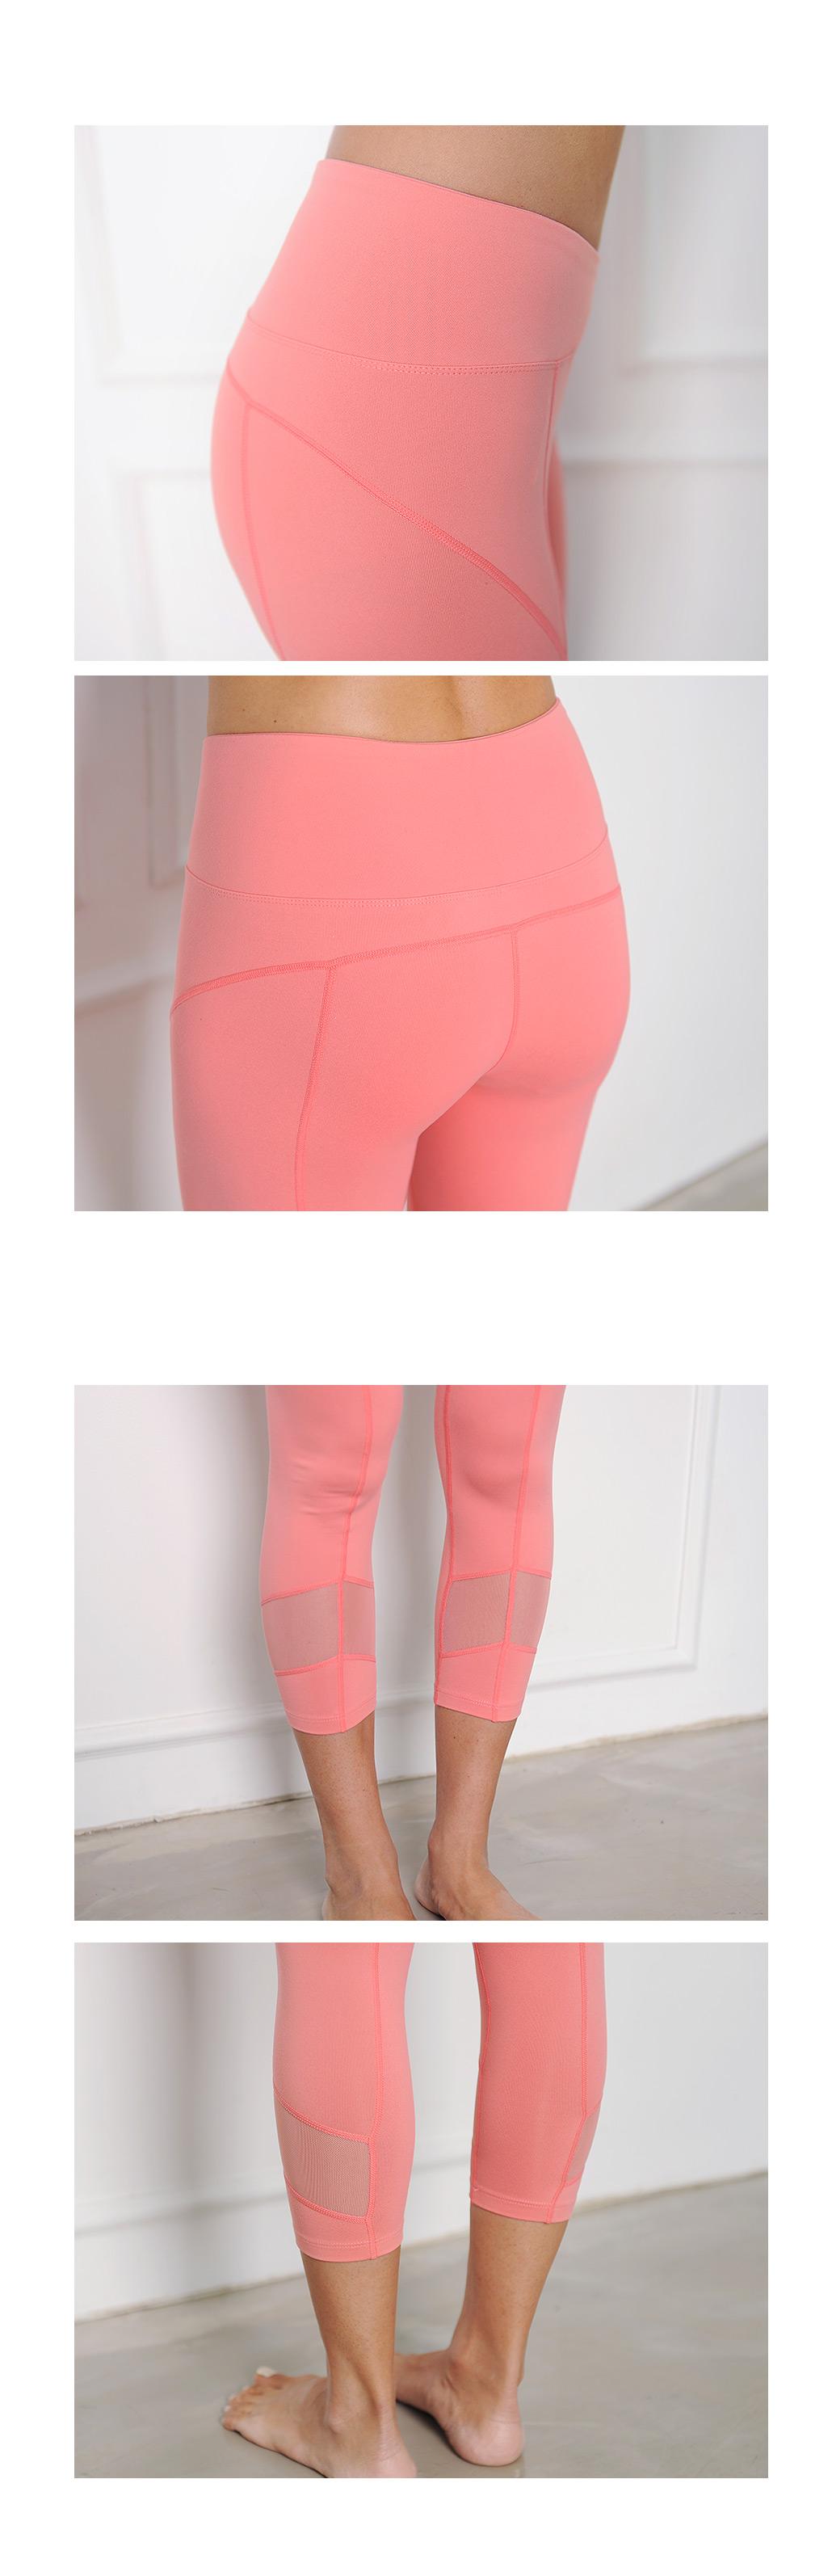 170707-womanpants-14-07.jpg